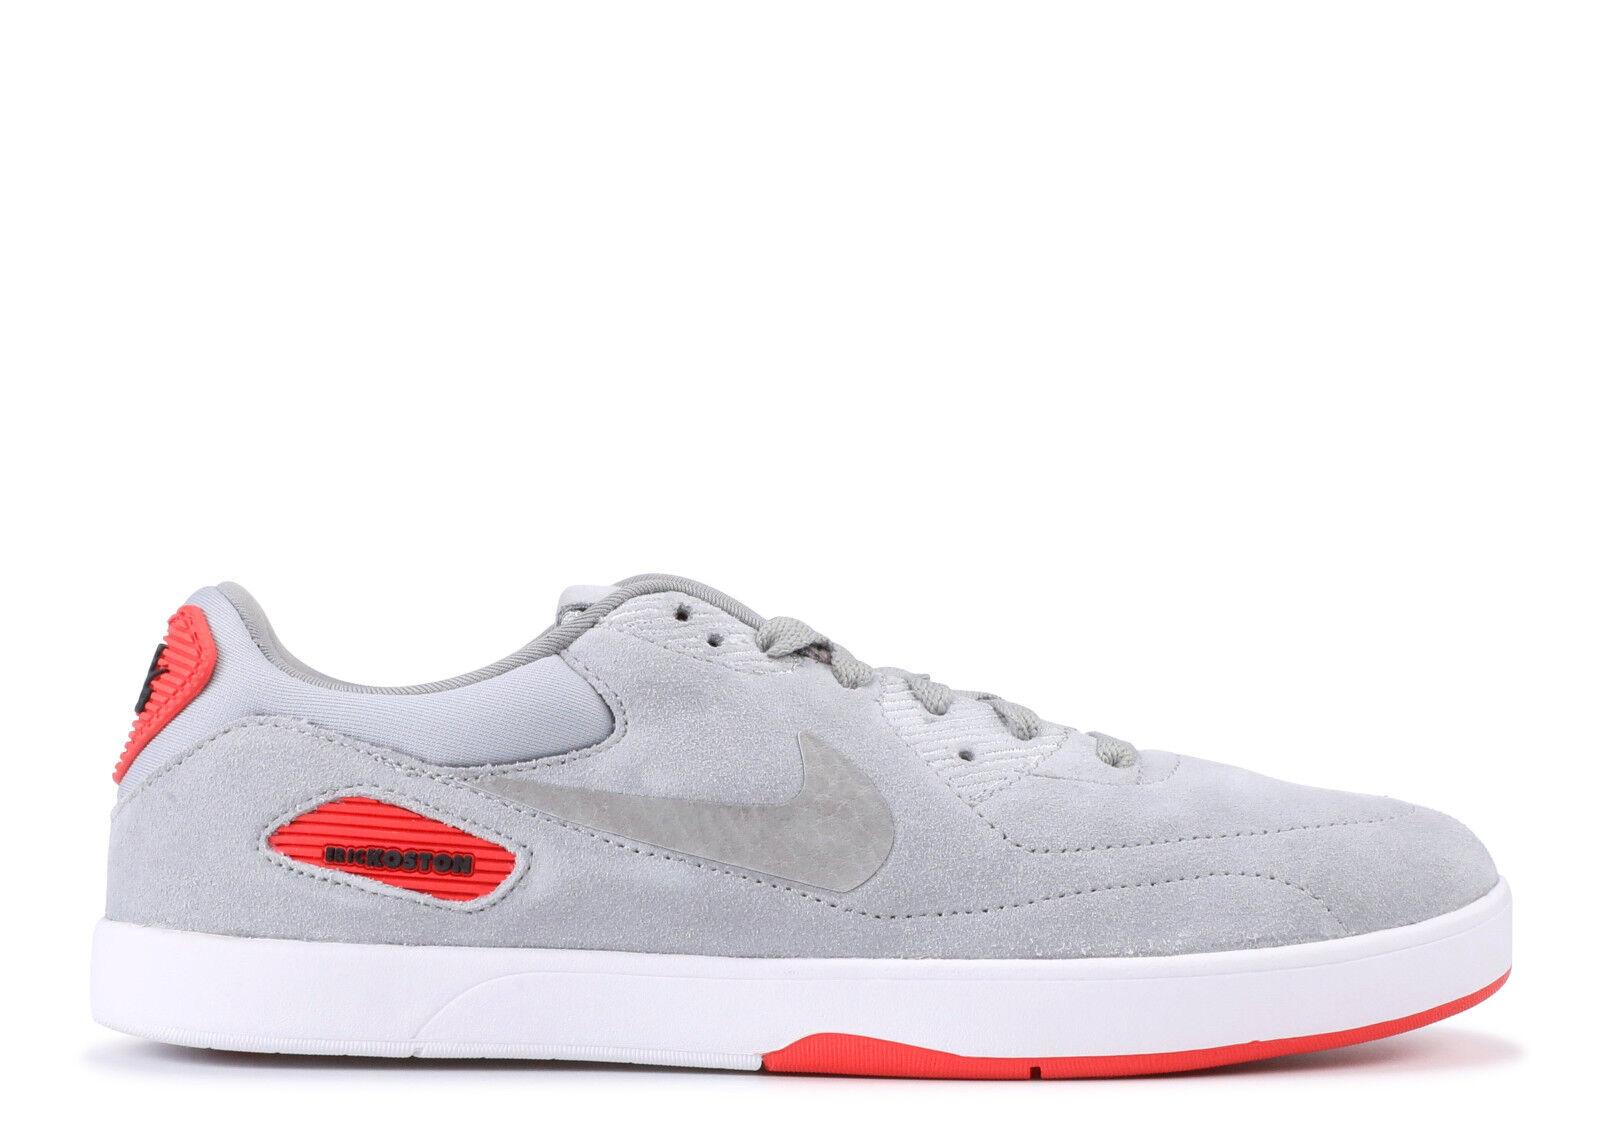 Nike Koston x Heritage